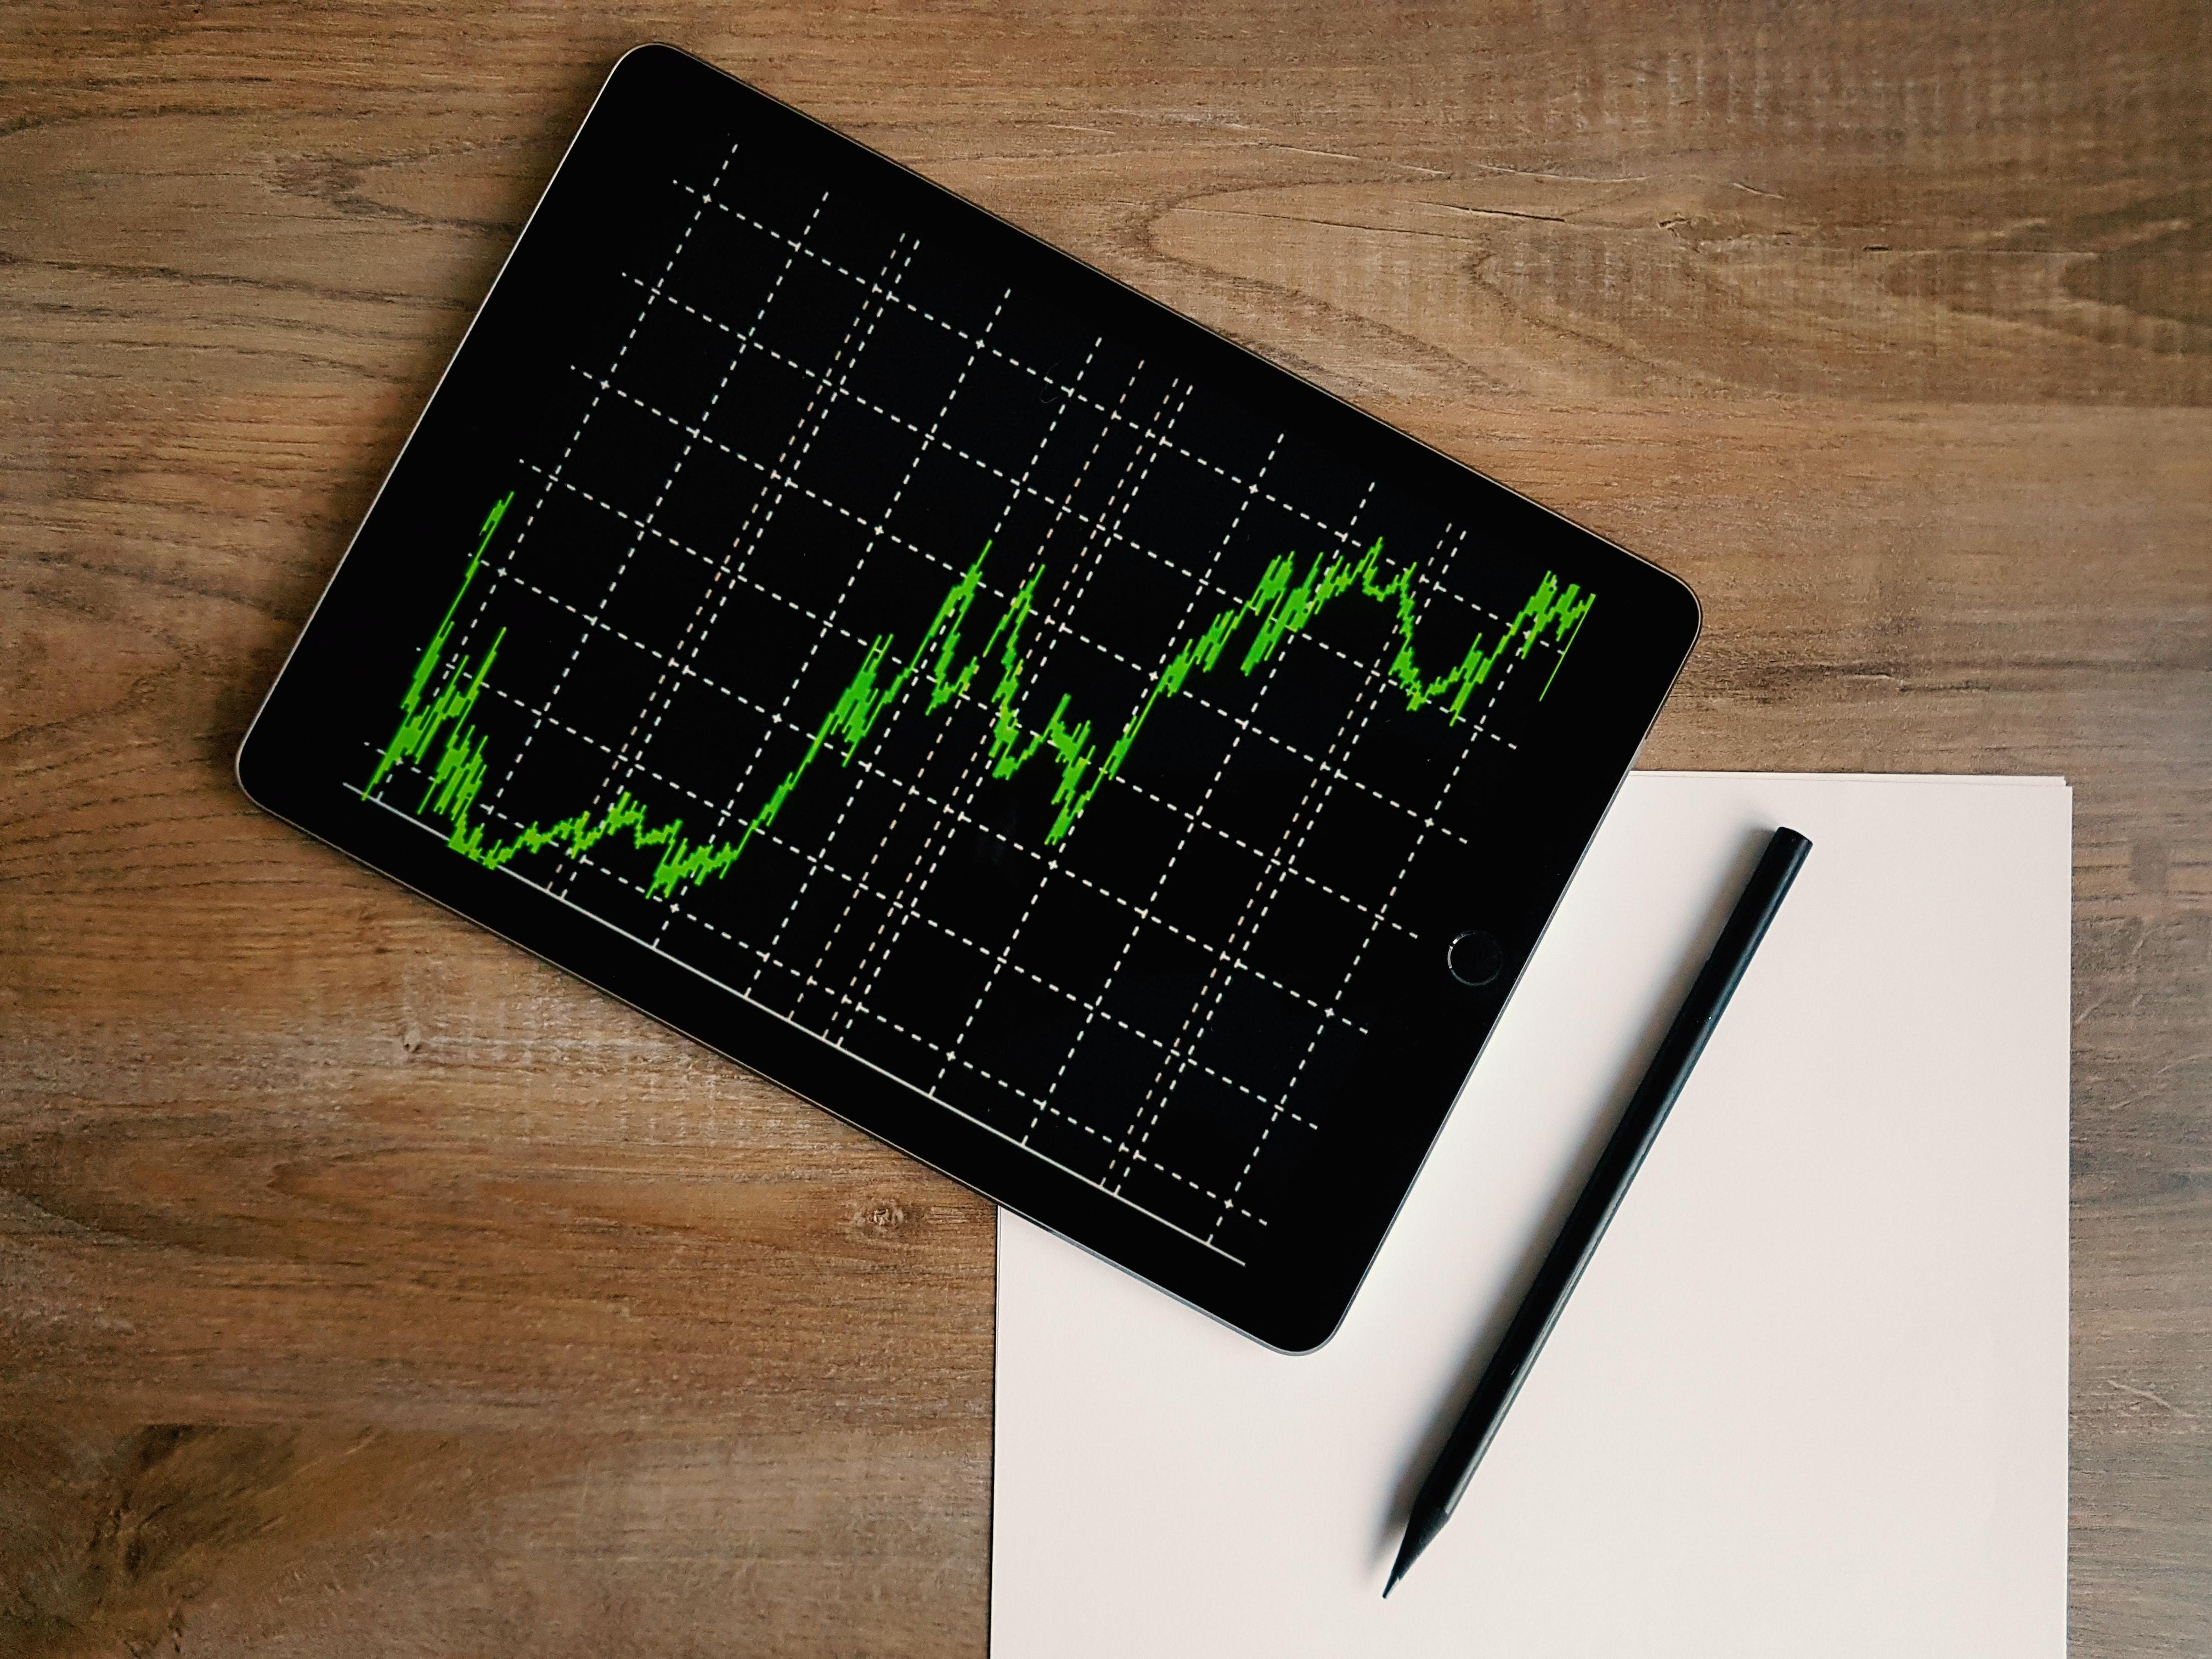 Pensioenakkoord: Eerste uitwerking pensioenakkoord bekend voor ABP-deelnemers